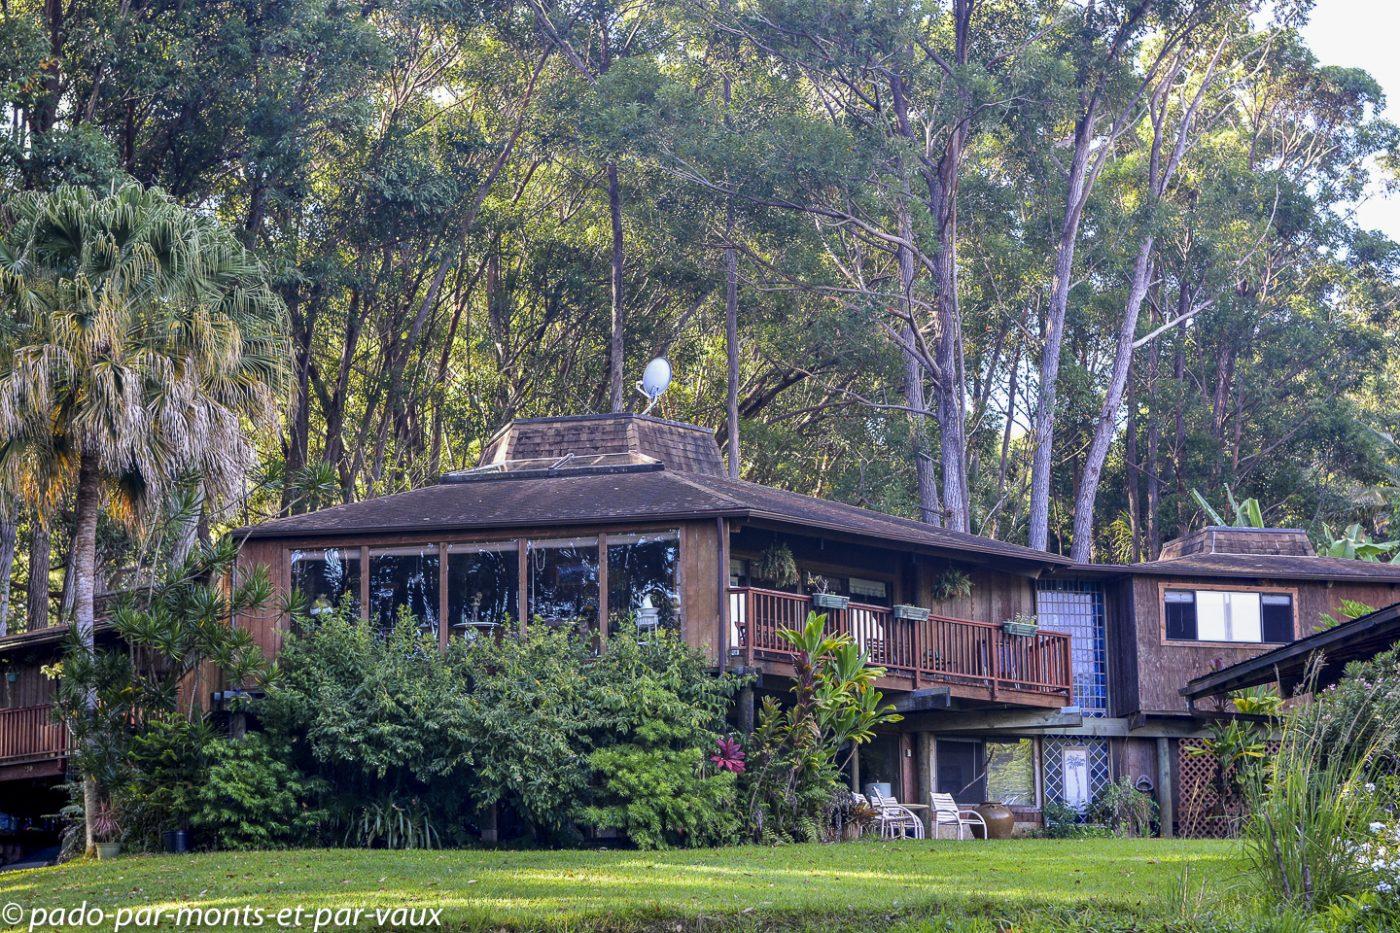 Maui - Maison des voisins